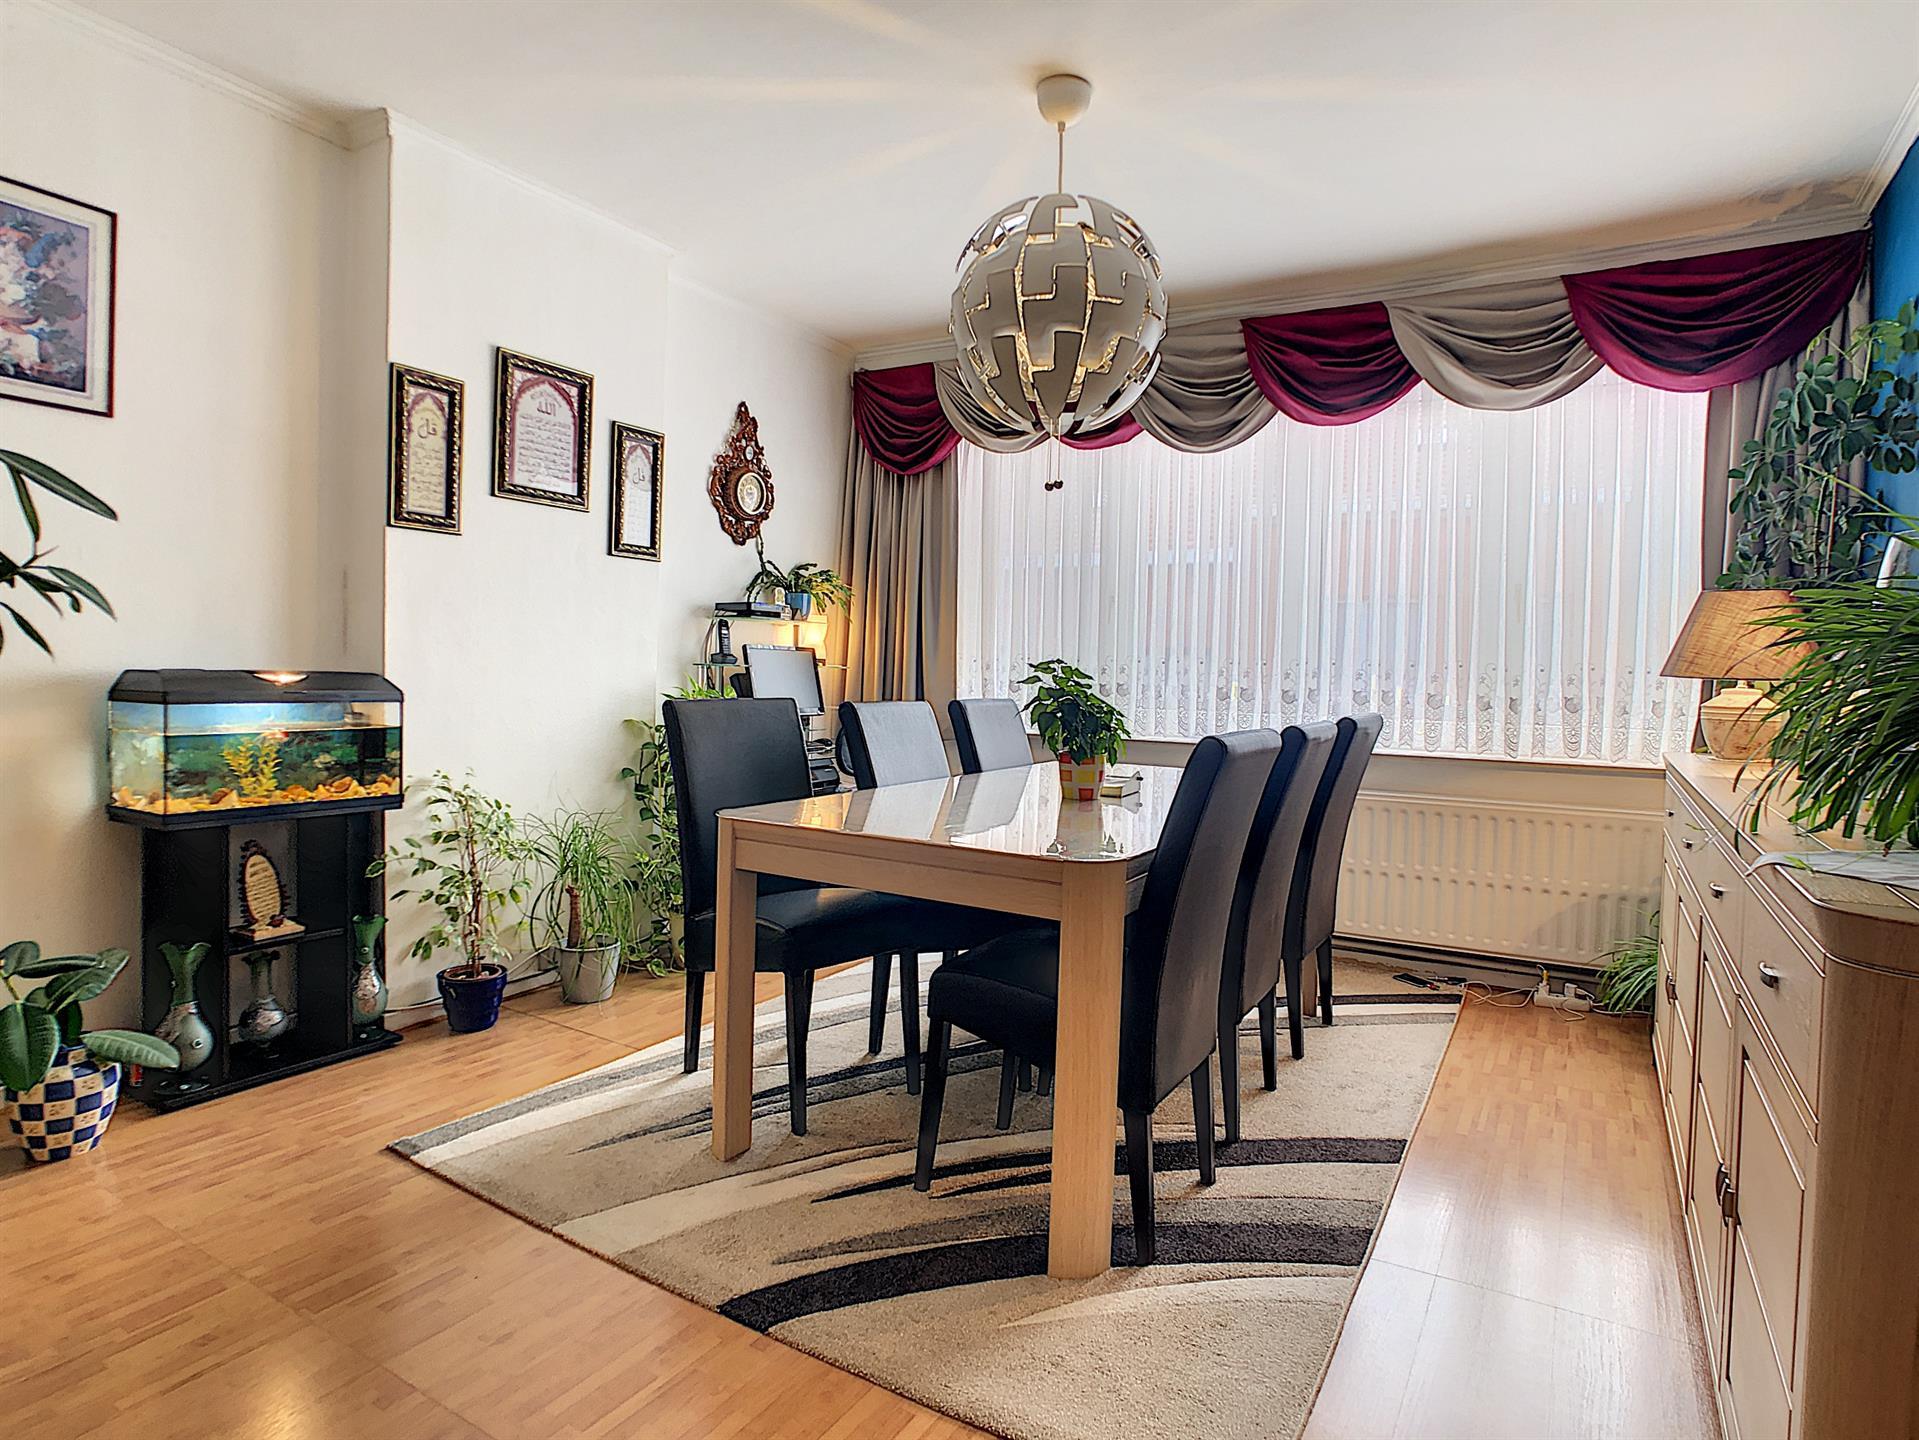 Appartement - Berchem-Sainte-Agathe - #4143753-0